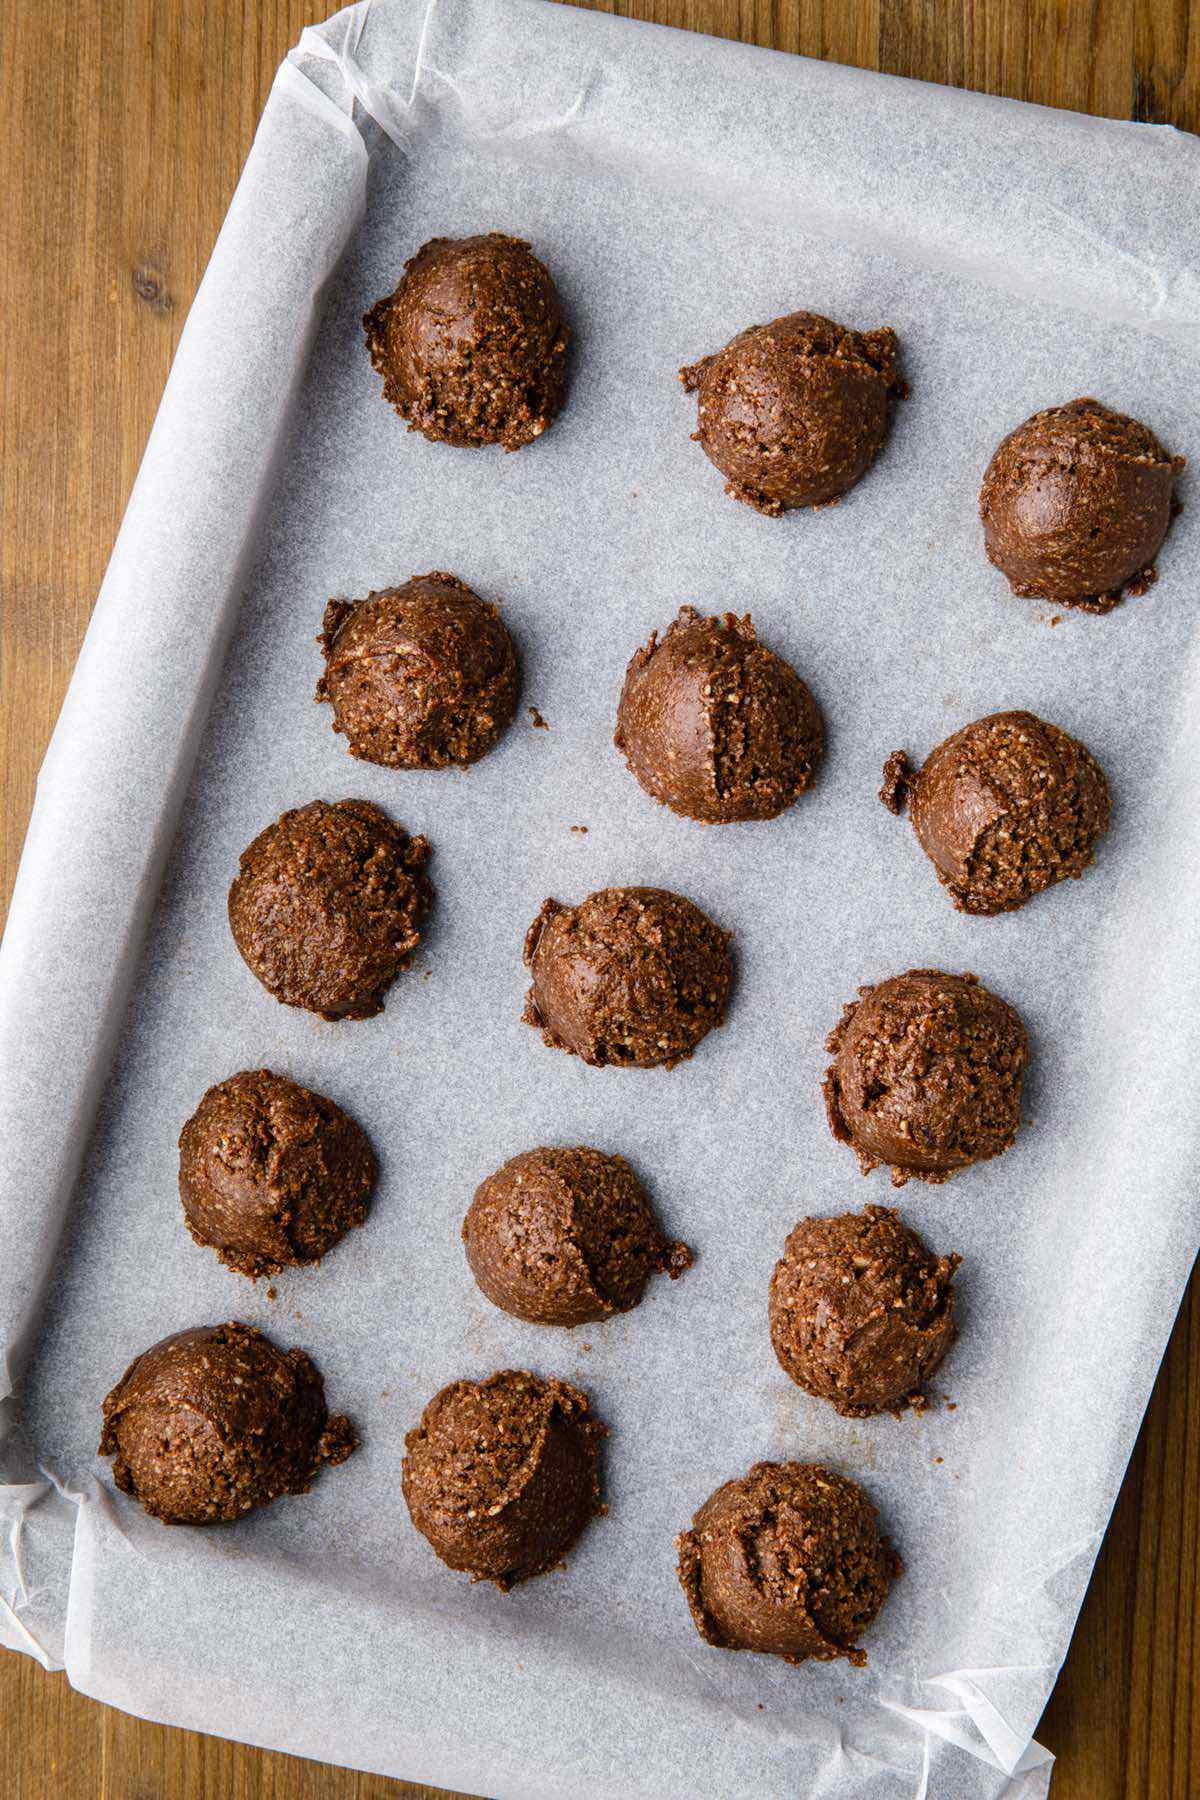 baking chocolate brownie cookies